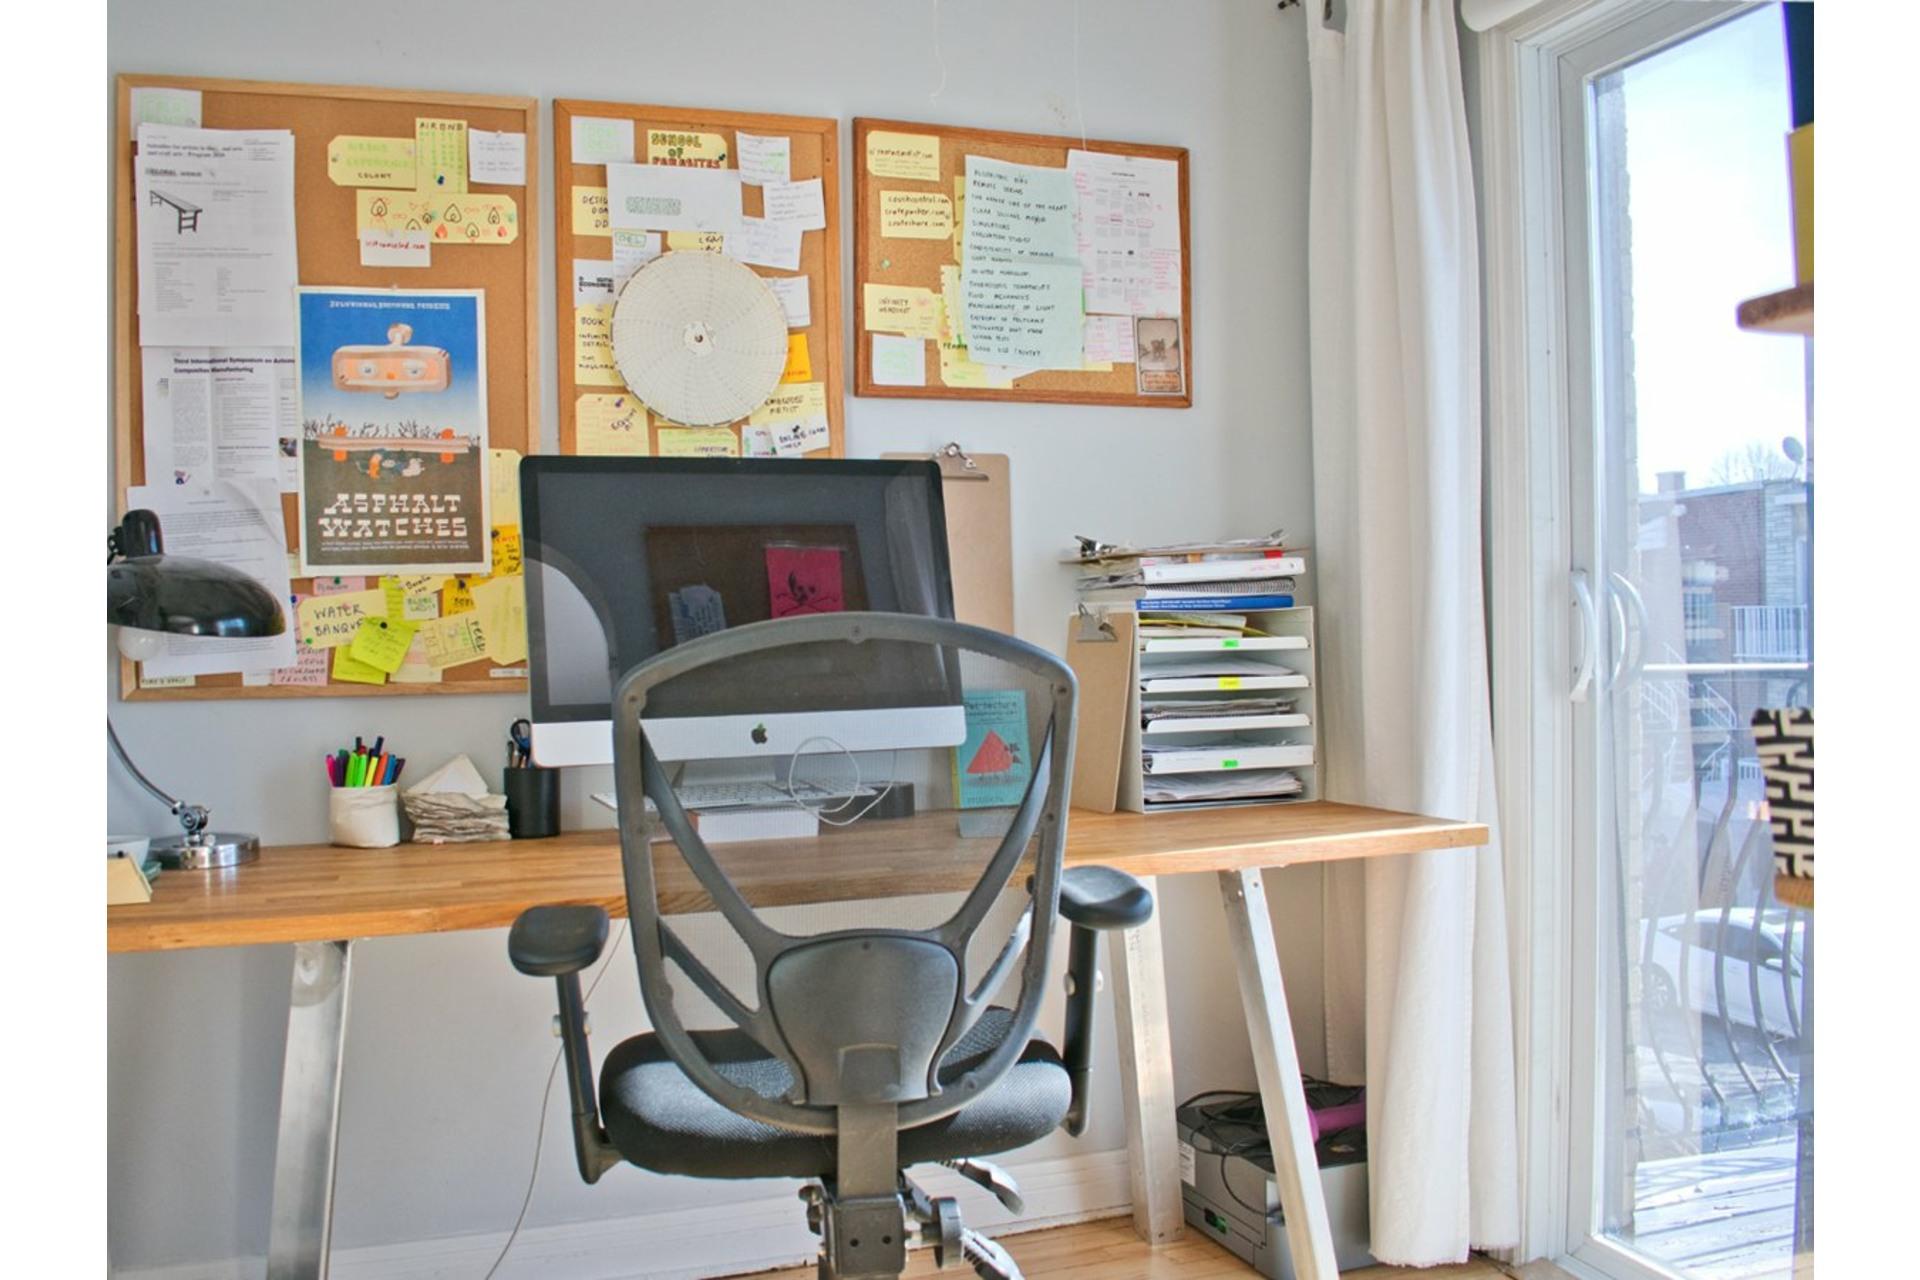 image 18 - Maison À vendre Villeray/Saint-Michel/Parc-Extension Montréal  - 9 pièces